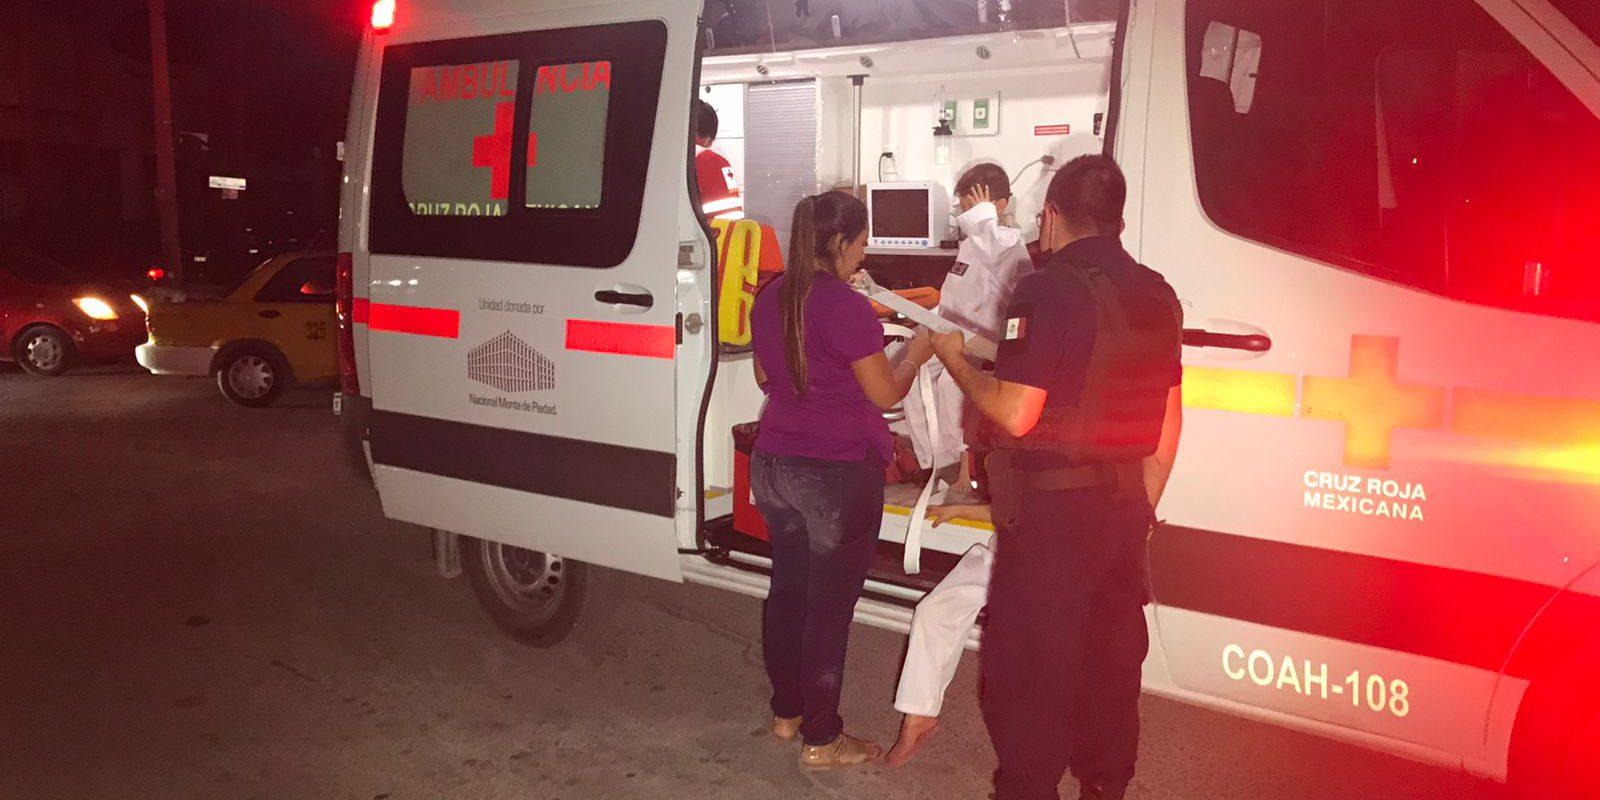 Lesionados tres menores en fuerte choque en Av. Monterrey y Bulevar Harold Pape de Monclova